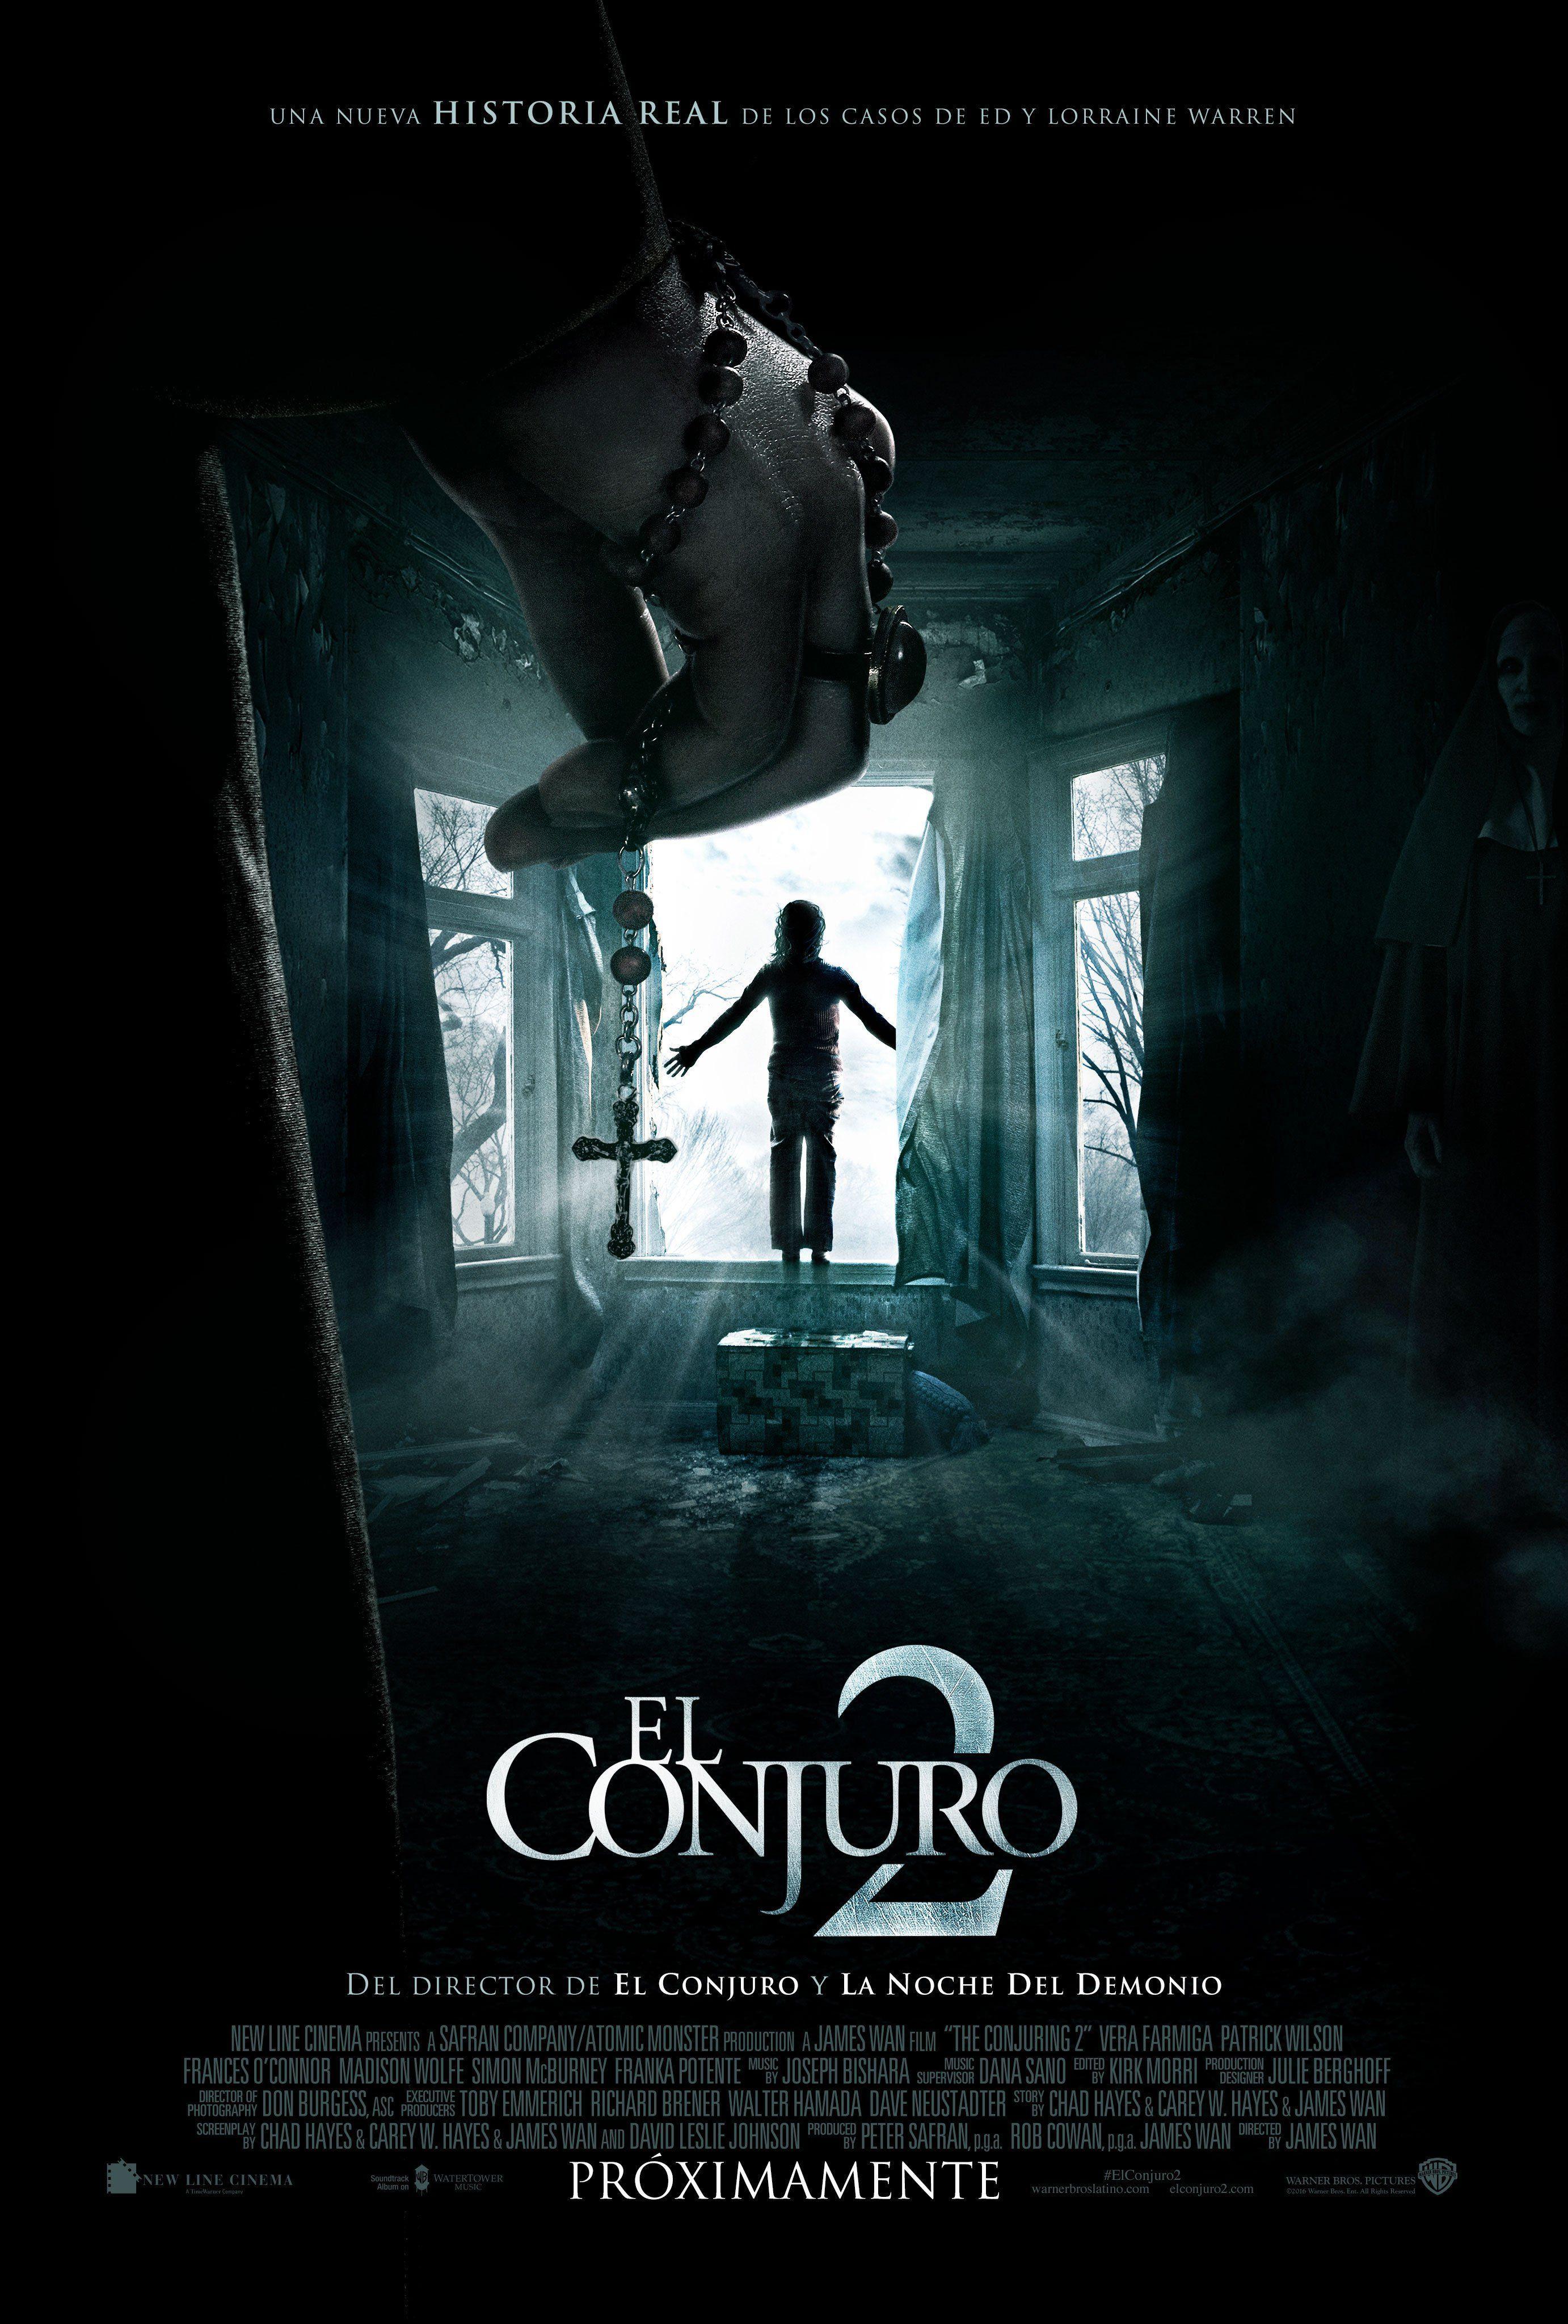 El Conjuro 2 Expediente Warren 2 Pelicula Completa Espanol Latino Hd The Conjuring Scary Movies Good Movies